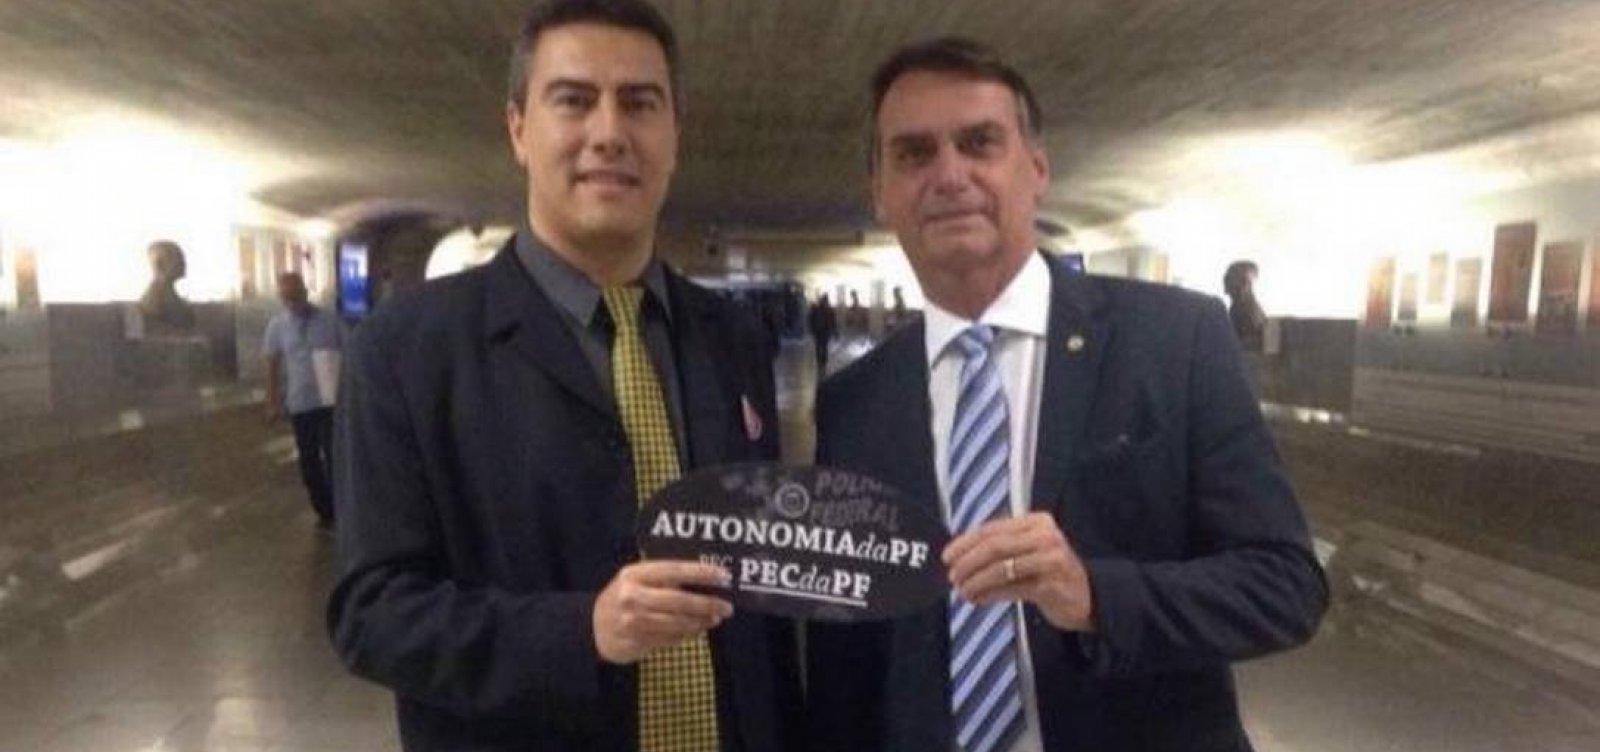 [Delegado que isentou Flávio conhece família Bolsonaro há sete anos]